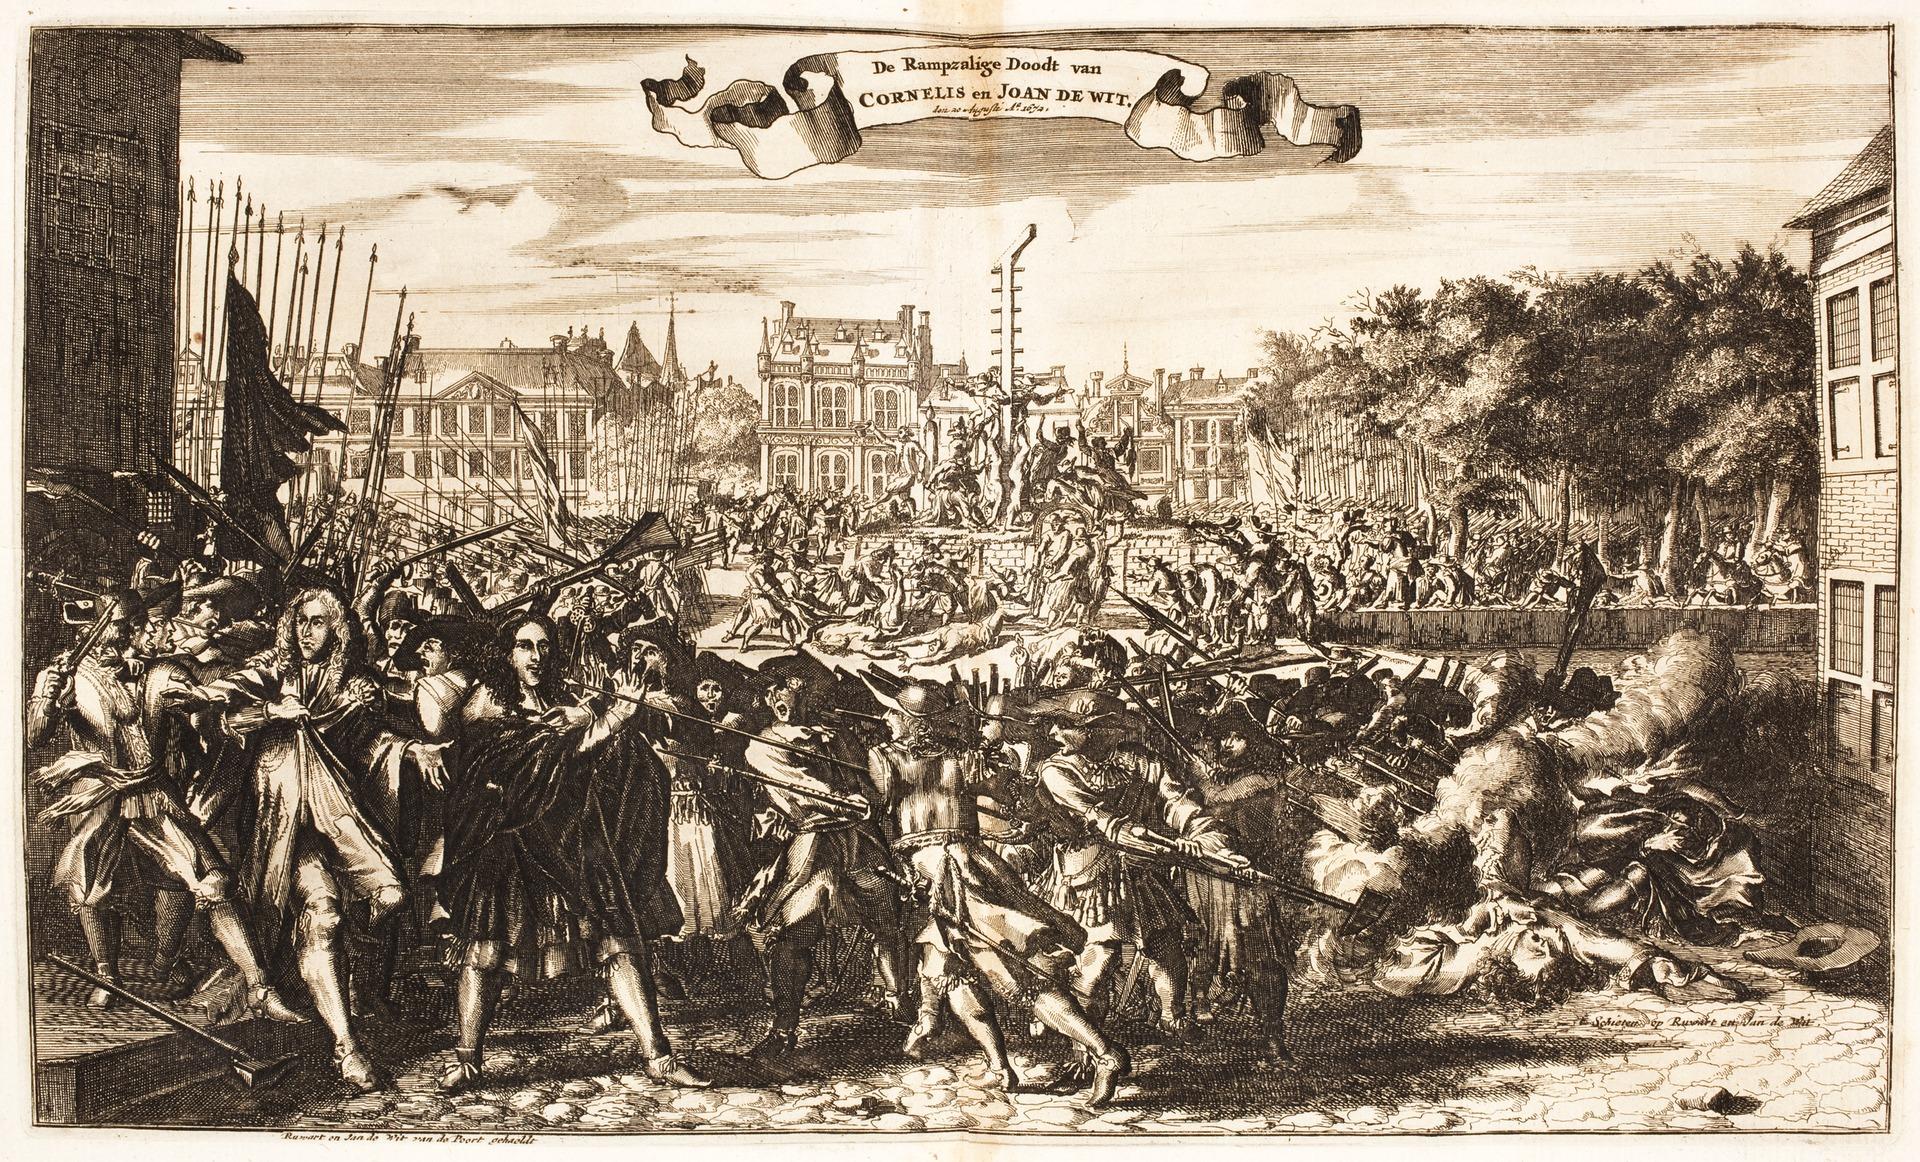 CORNELIS DE WITT (1623-1672)